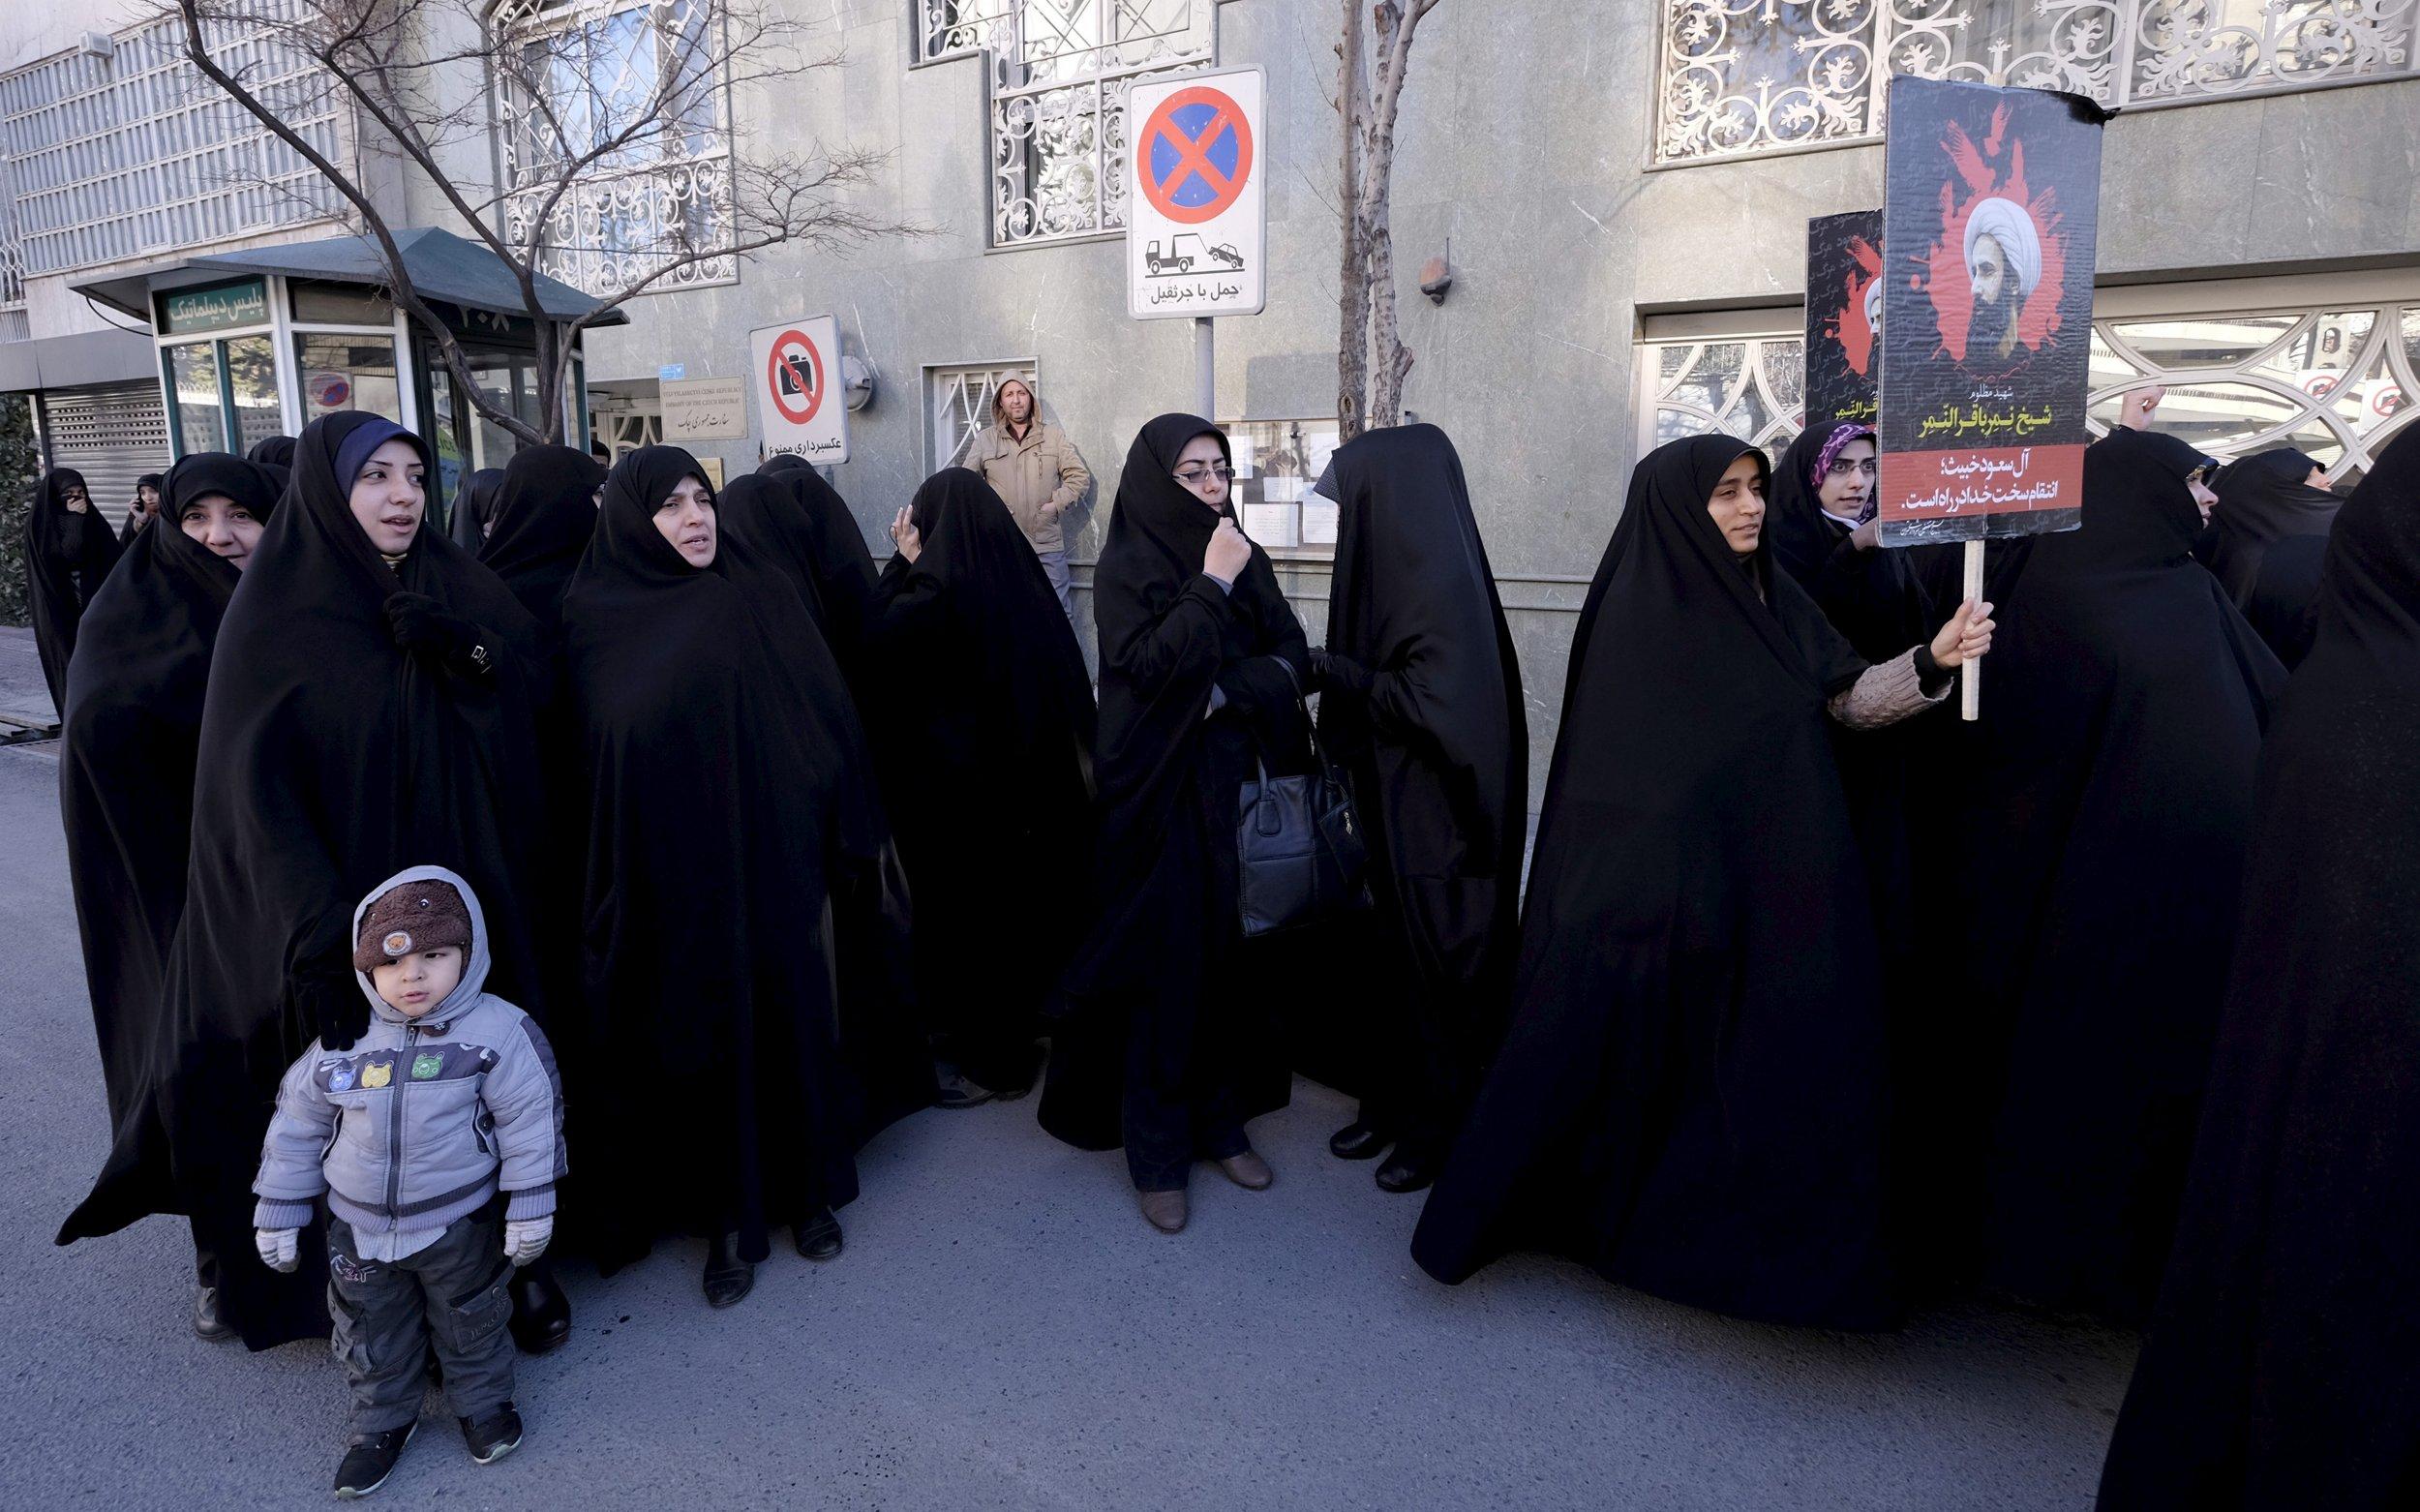 0103_iran_saudi_executions_protest